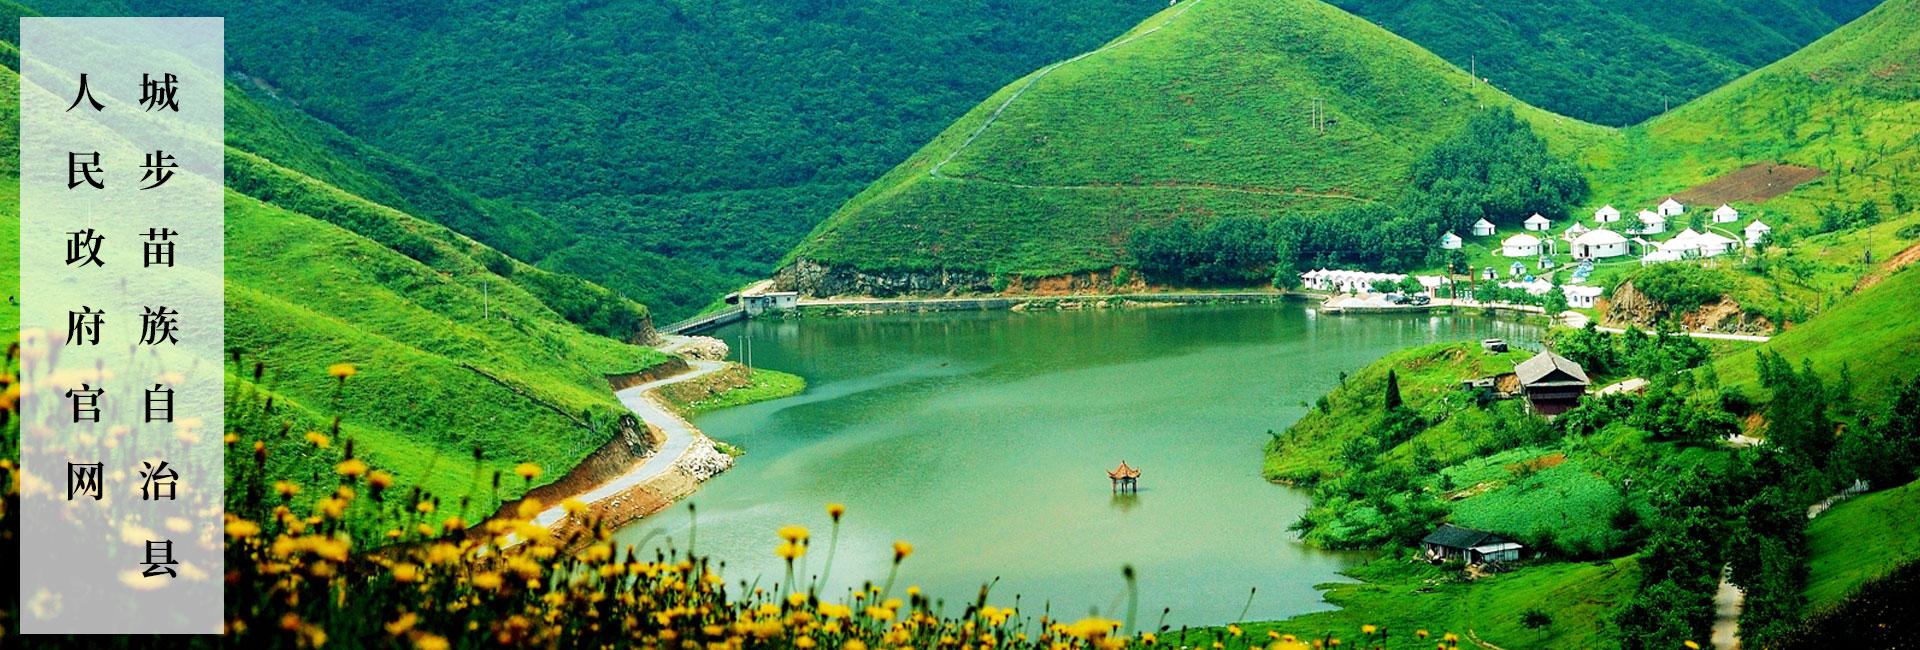 城步苗族自治县人民政府官网